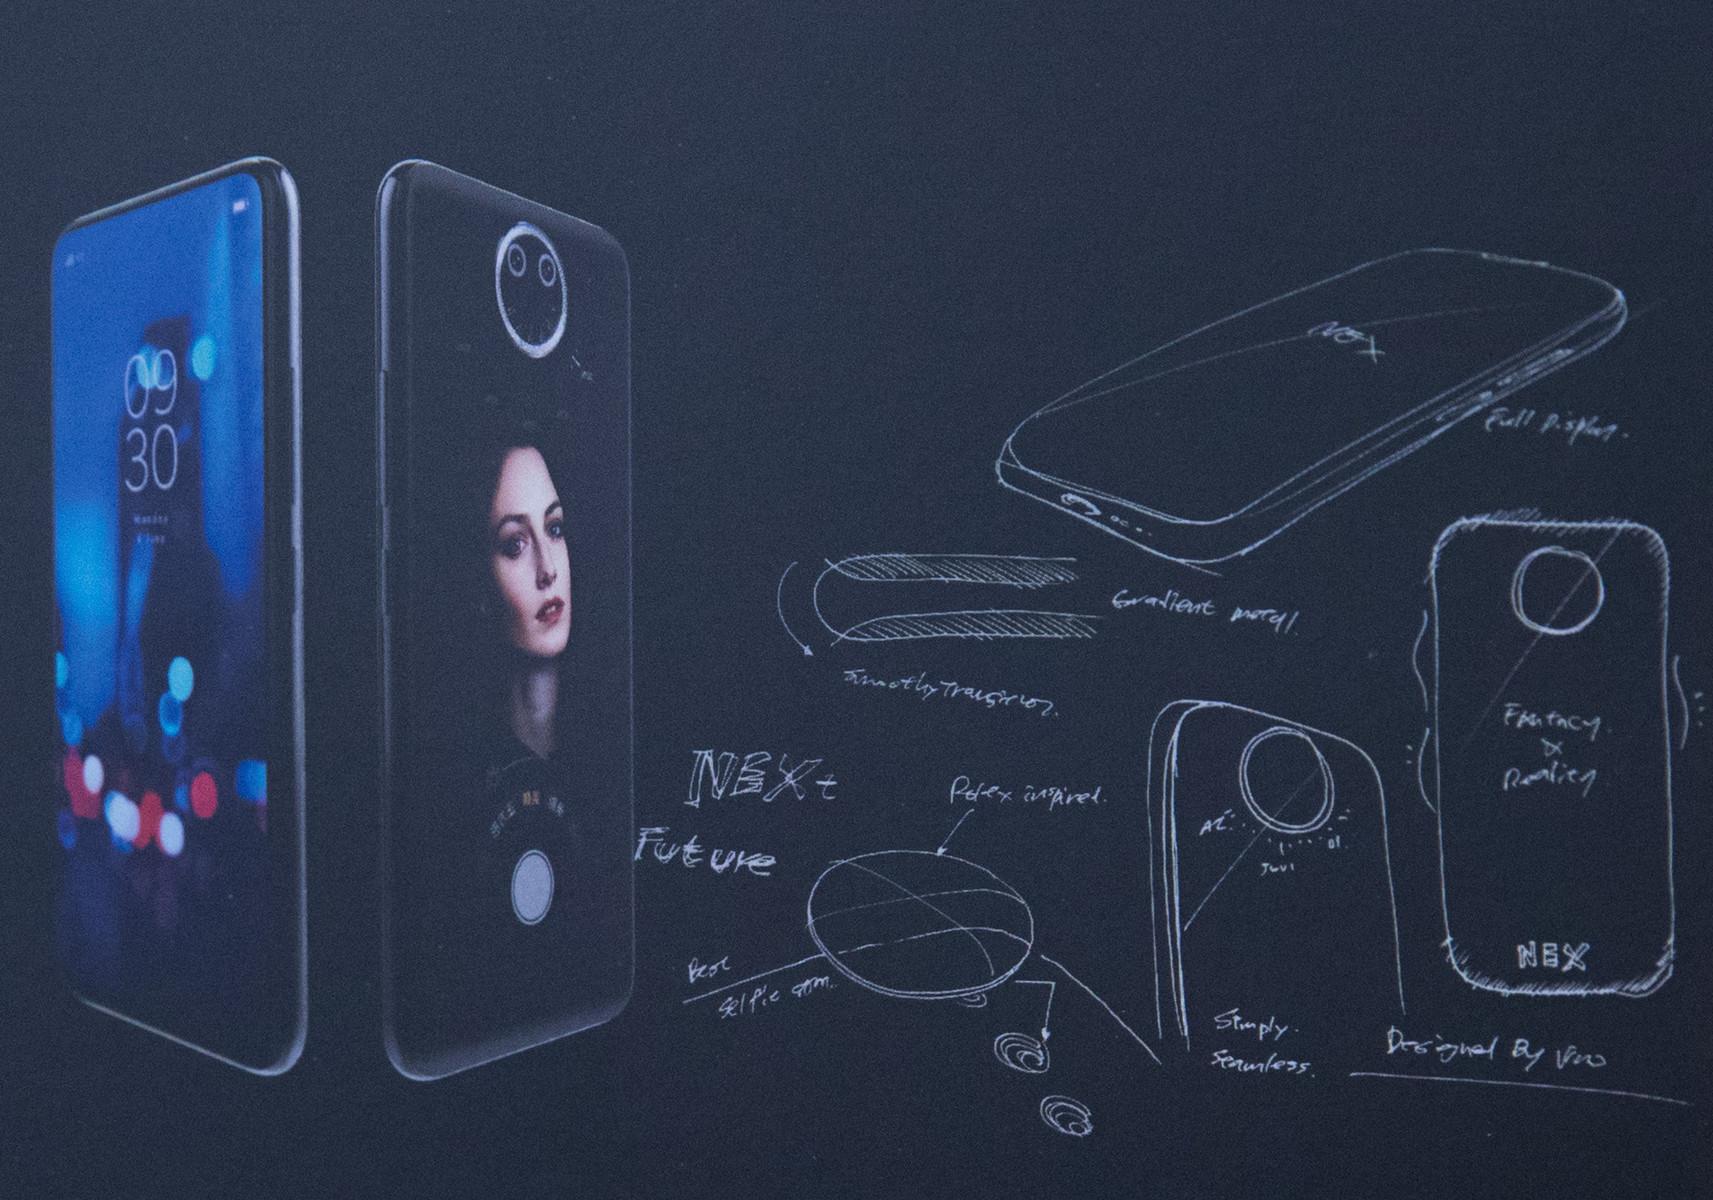 Vivo NEX 2: Bilder Zeigen Triple-Kamera Und Dualscreen